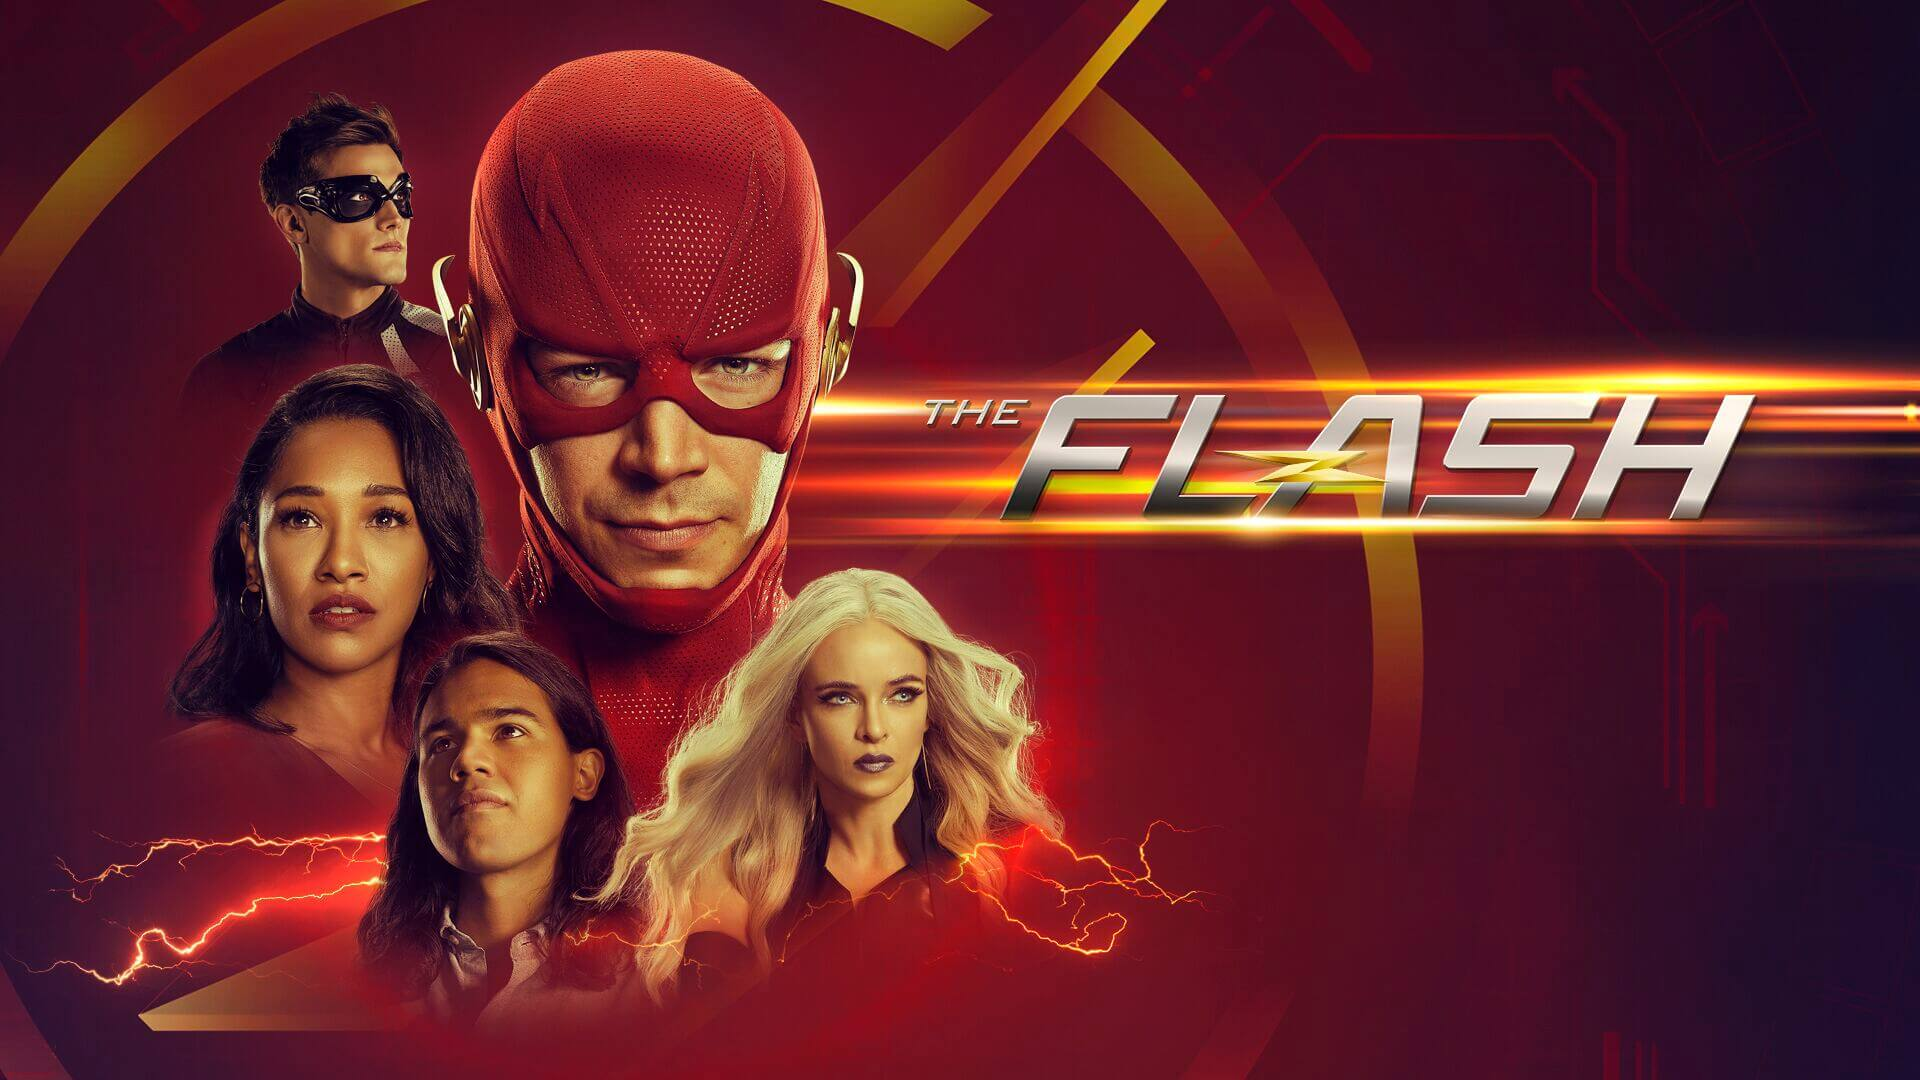 Warner TV 超級英雄影集《閃電俠》海報。